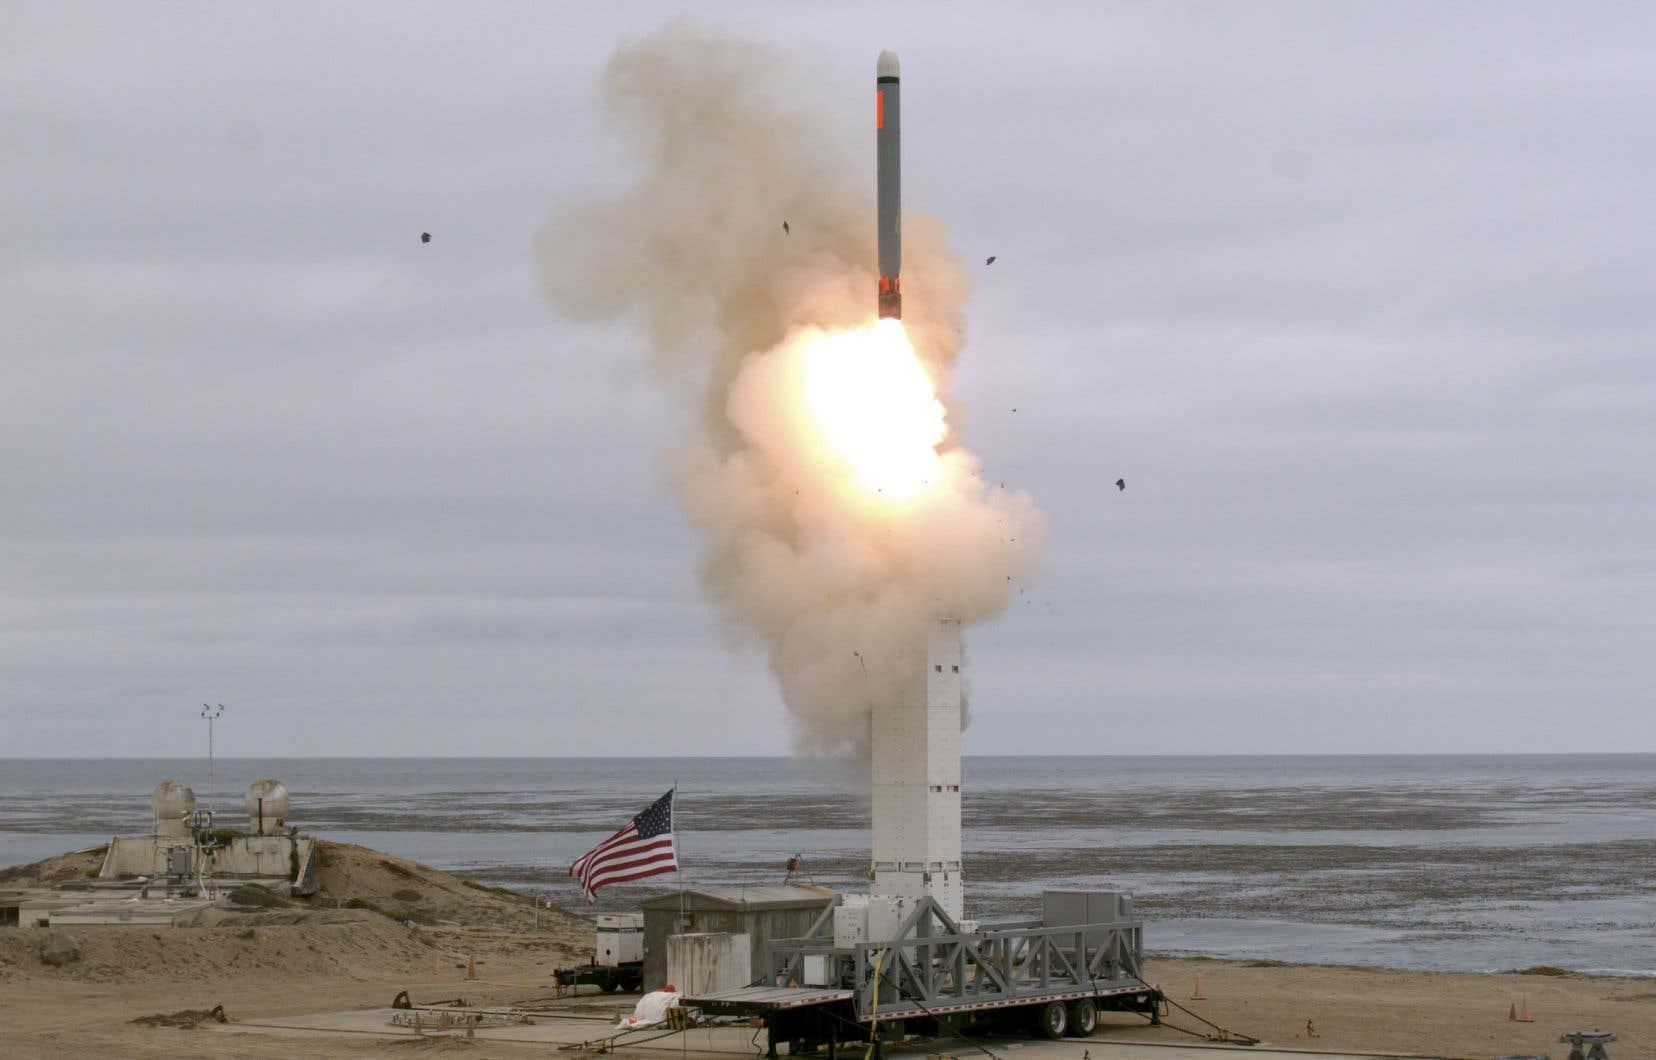 L'essai, réussi, a été effectué dimanche depuis l'île de San Nicolas, au large de la Californie, à 14h30 (17h30 à Montréal), selon le Pentagone, qui a précisé qu'il s'agit d'une «variante d'un missile de croisière d'attaque sol-sol Tomahawk».